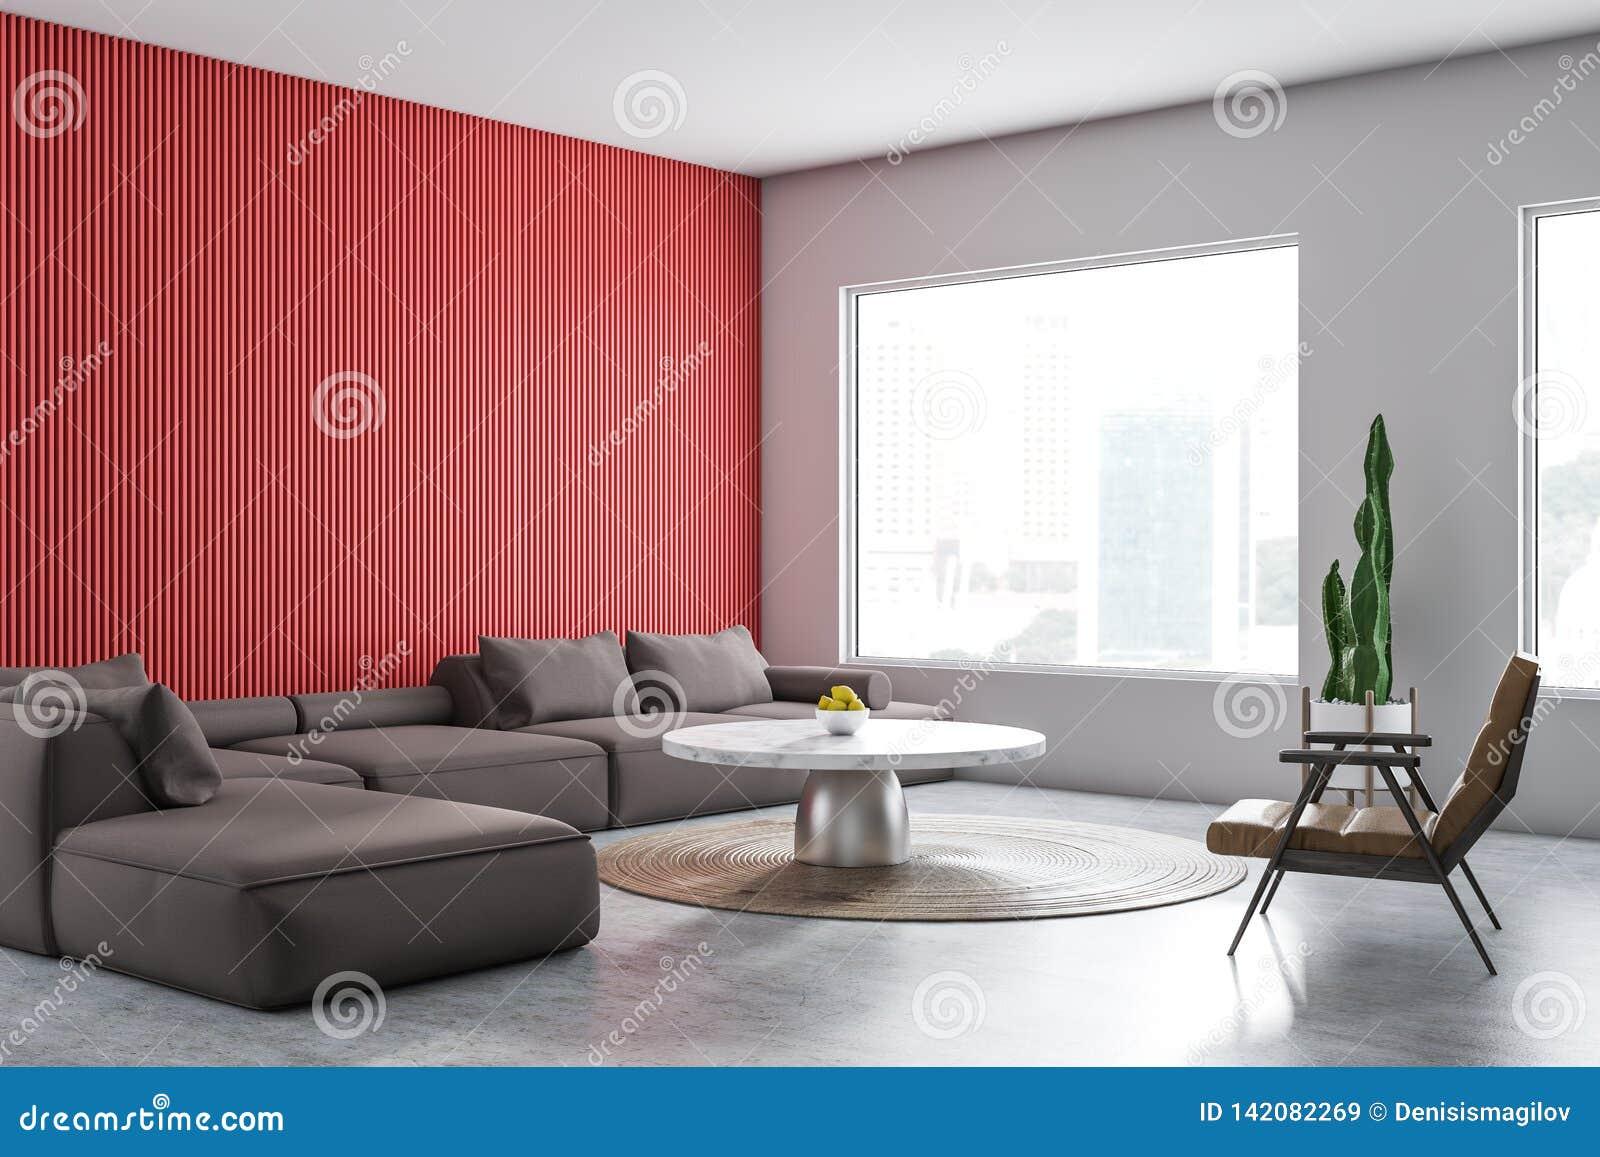 Red And White Living Room Corner Stock Illustration ...